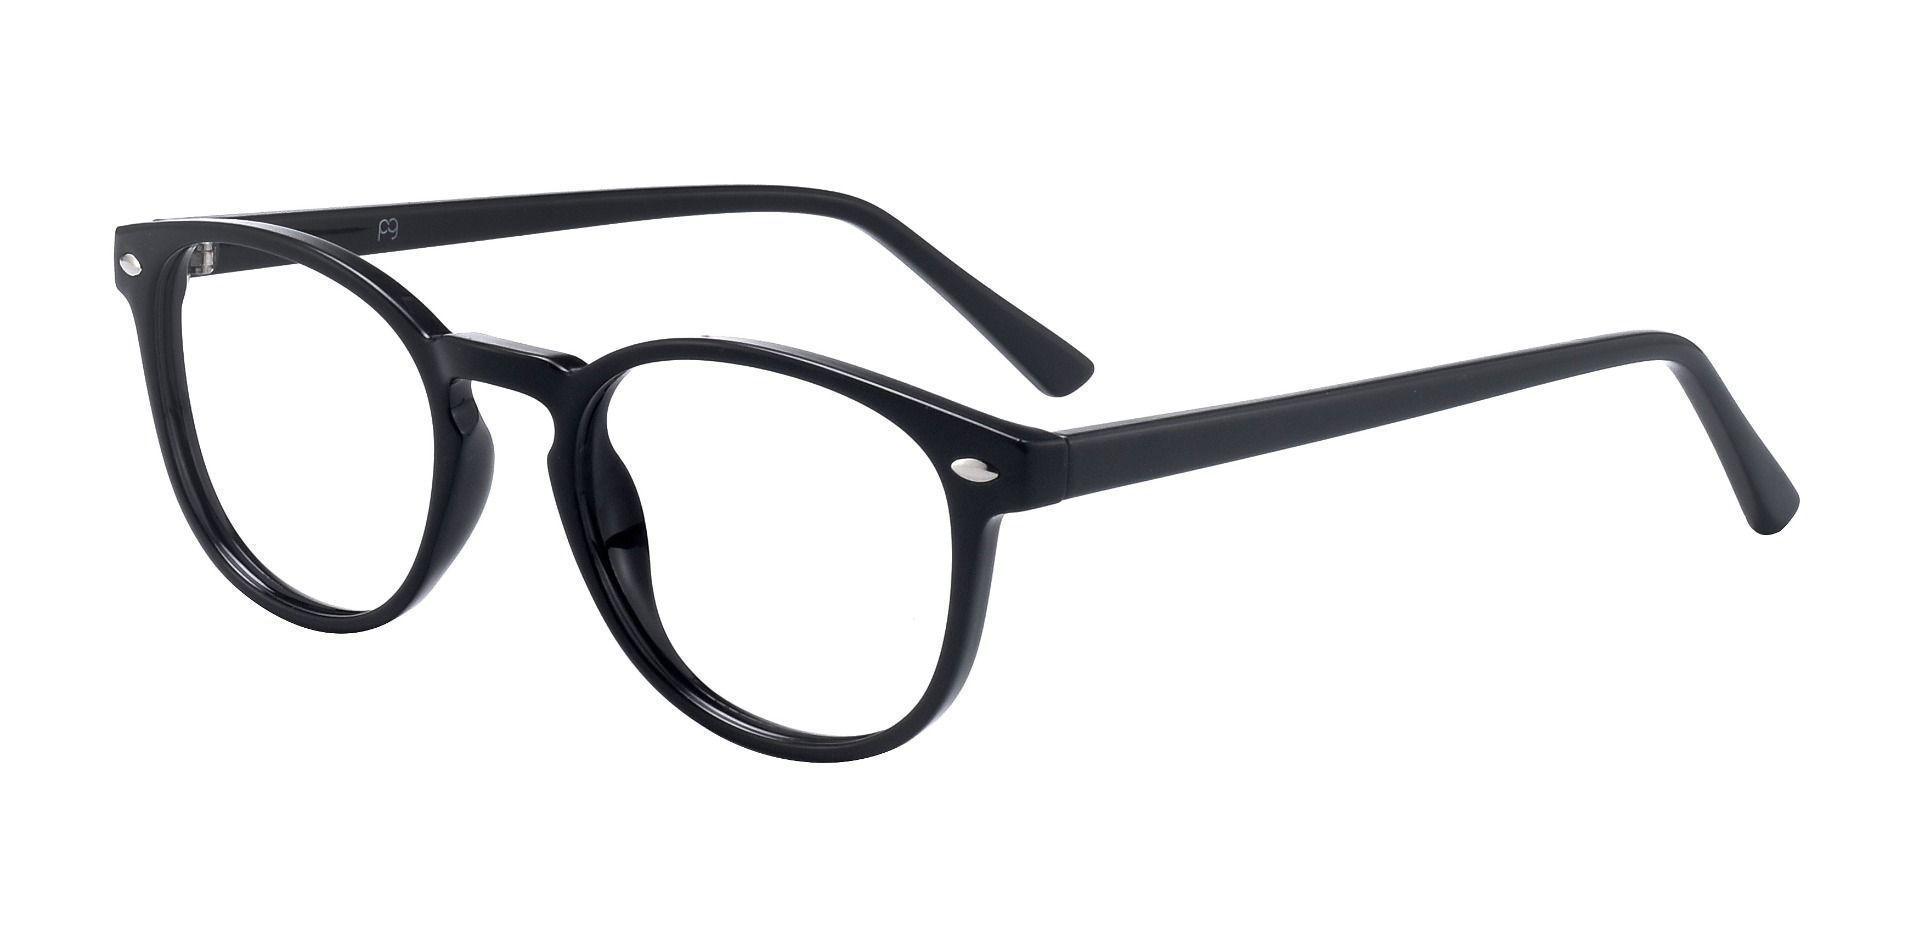 Maestro Oval Prescription Glasses - Shiny Black